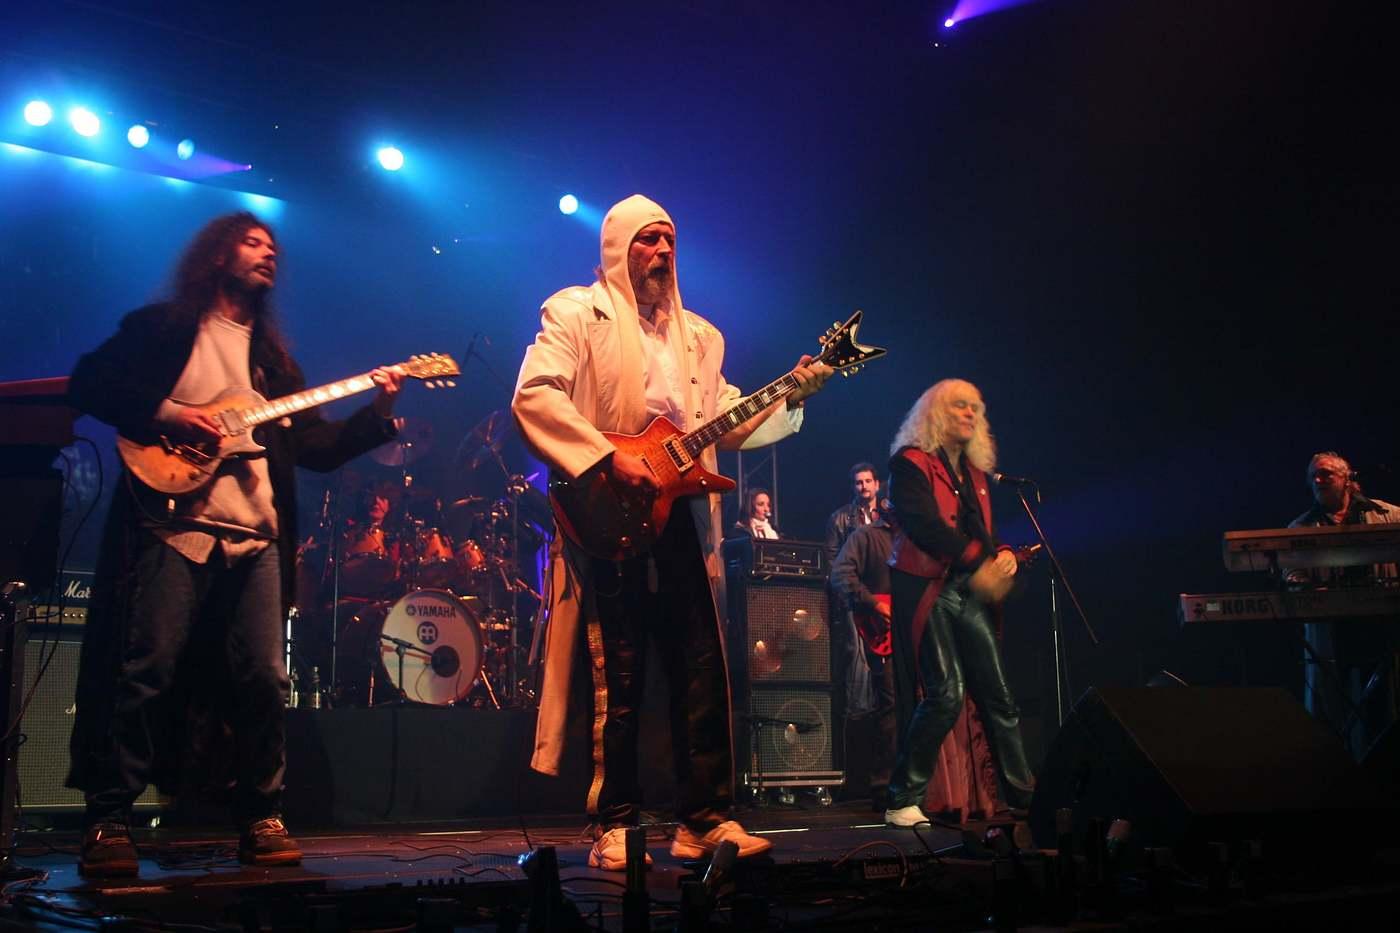 Csíkszereda, 2005. október 22. A 2005. október 21-én készült felvételen a romániai Csíkszeredán a mûjégpályán az Omega együttes ad koncertet, melynek bevételét a székelyföldi árvízkárosultaknak adományozzák. MTI Fotó: Haáz Sándor